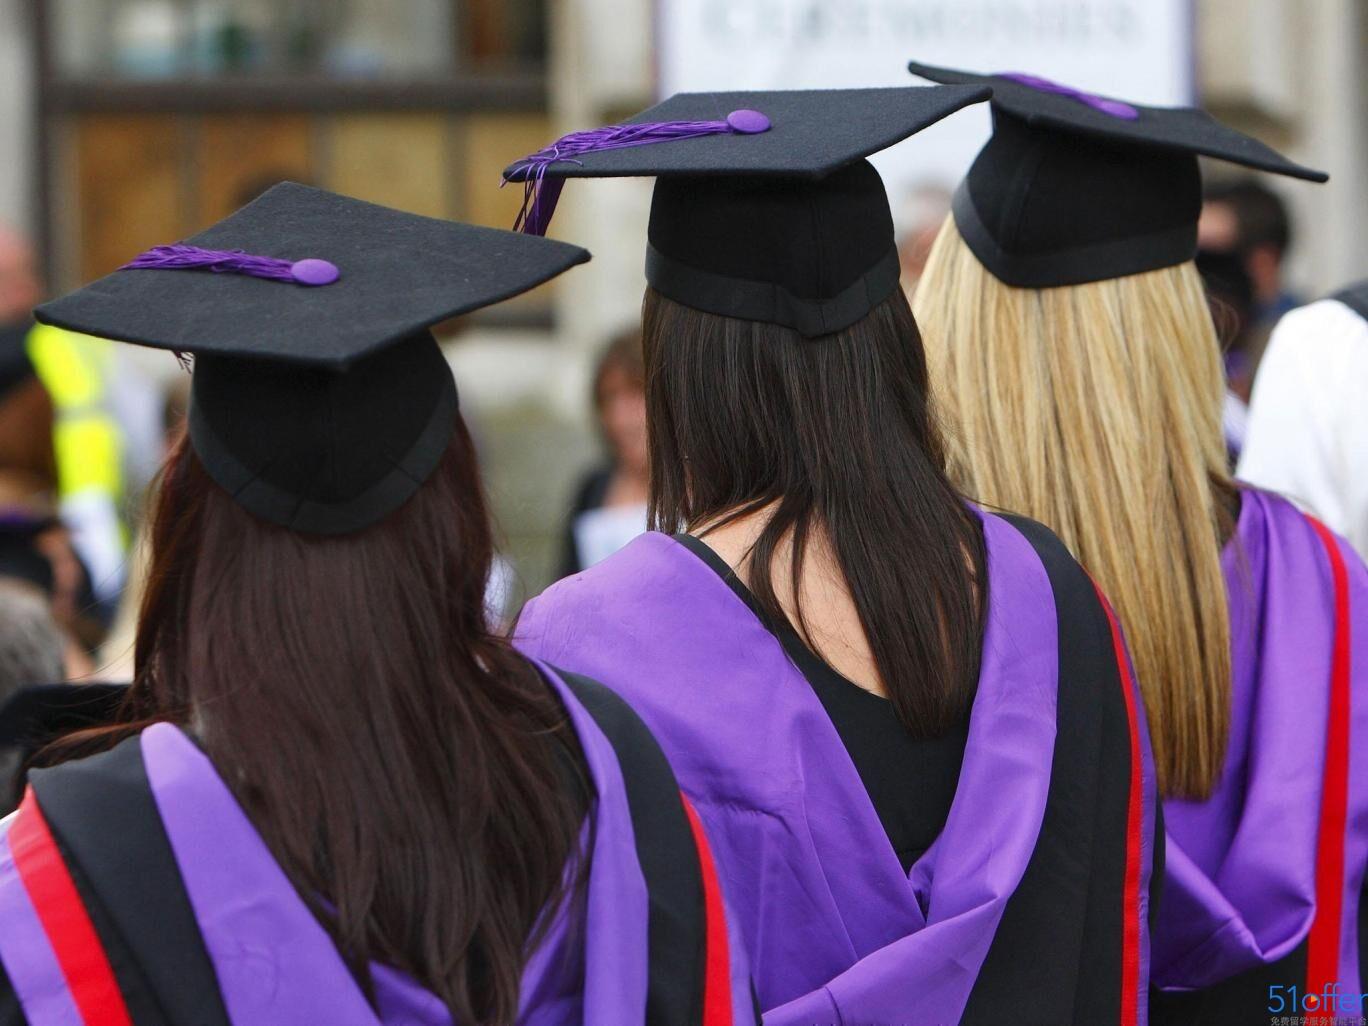 英国女硕士薪资普遍低于男硕士 性别差距大